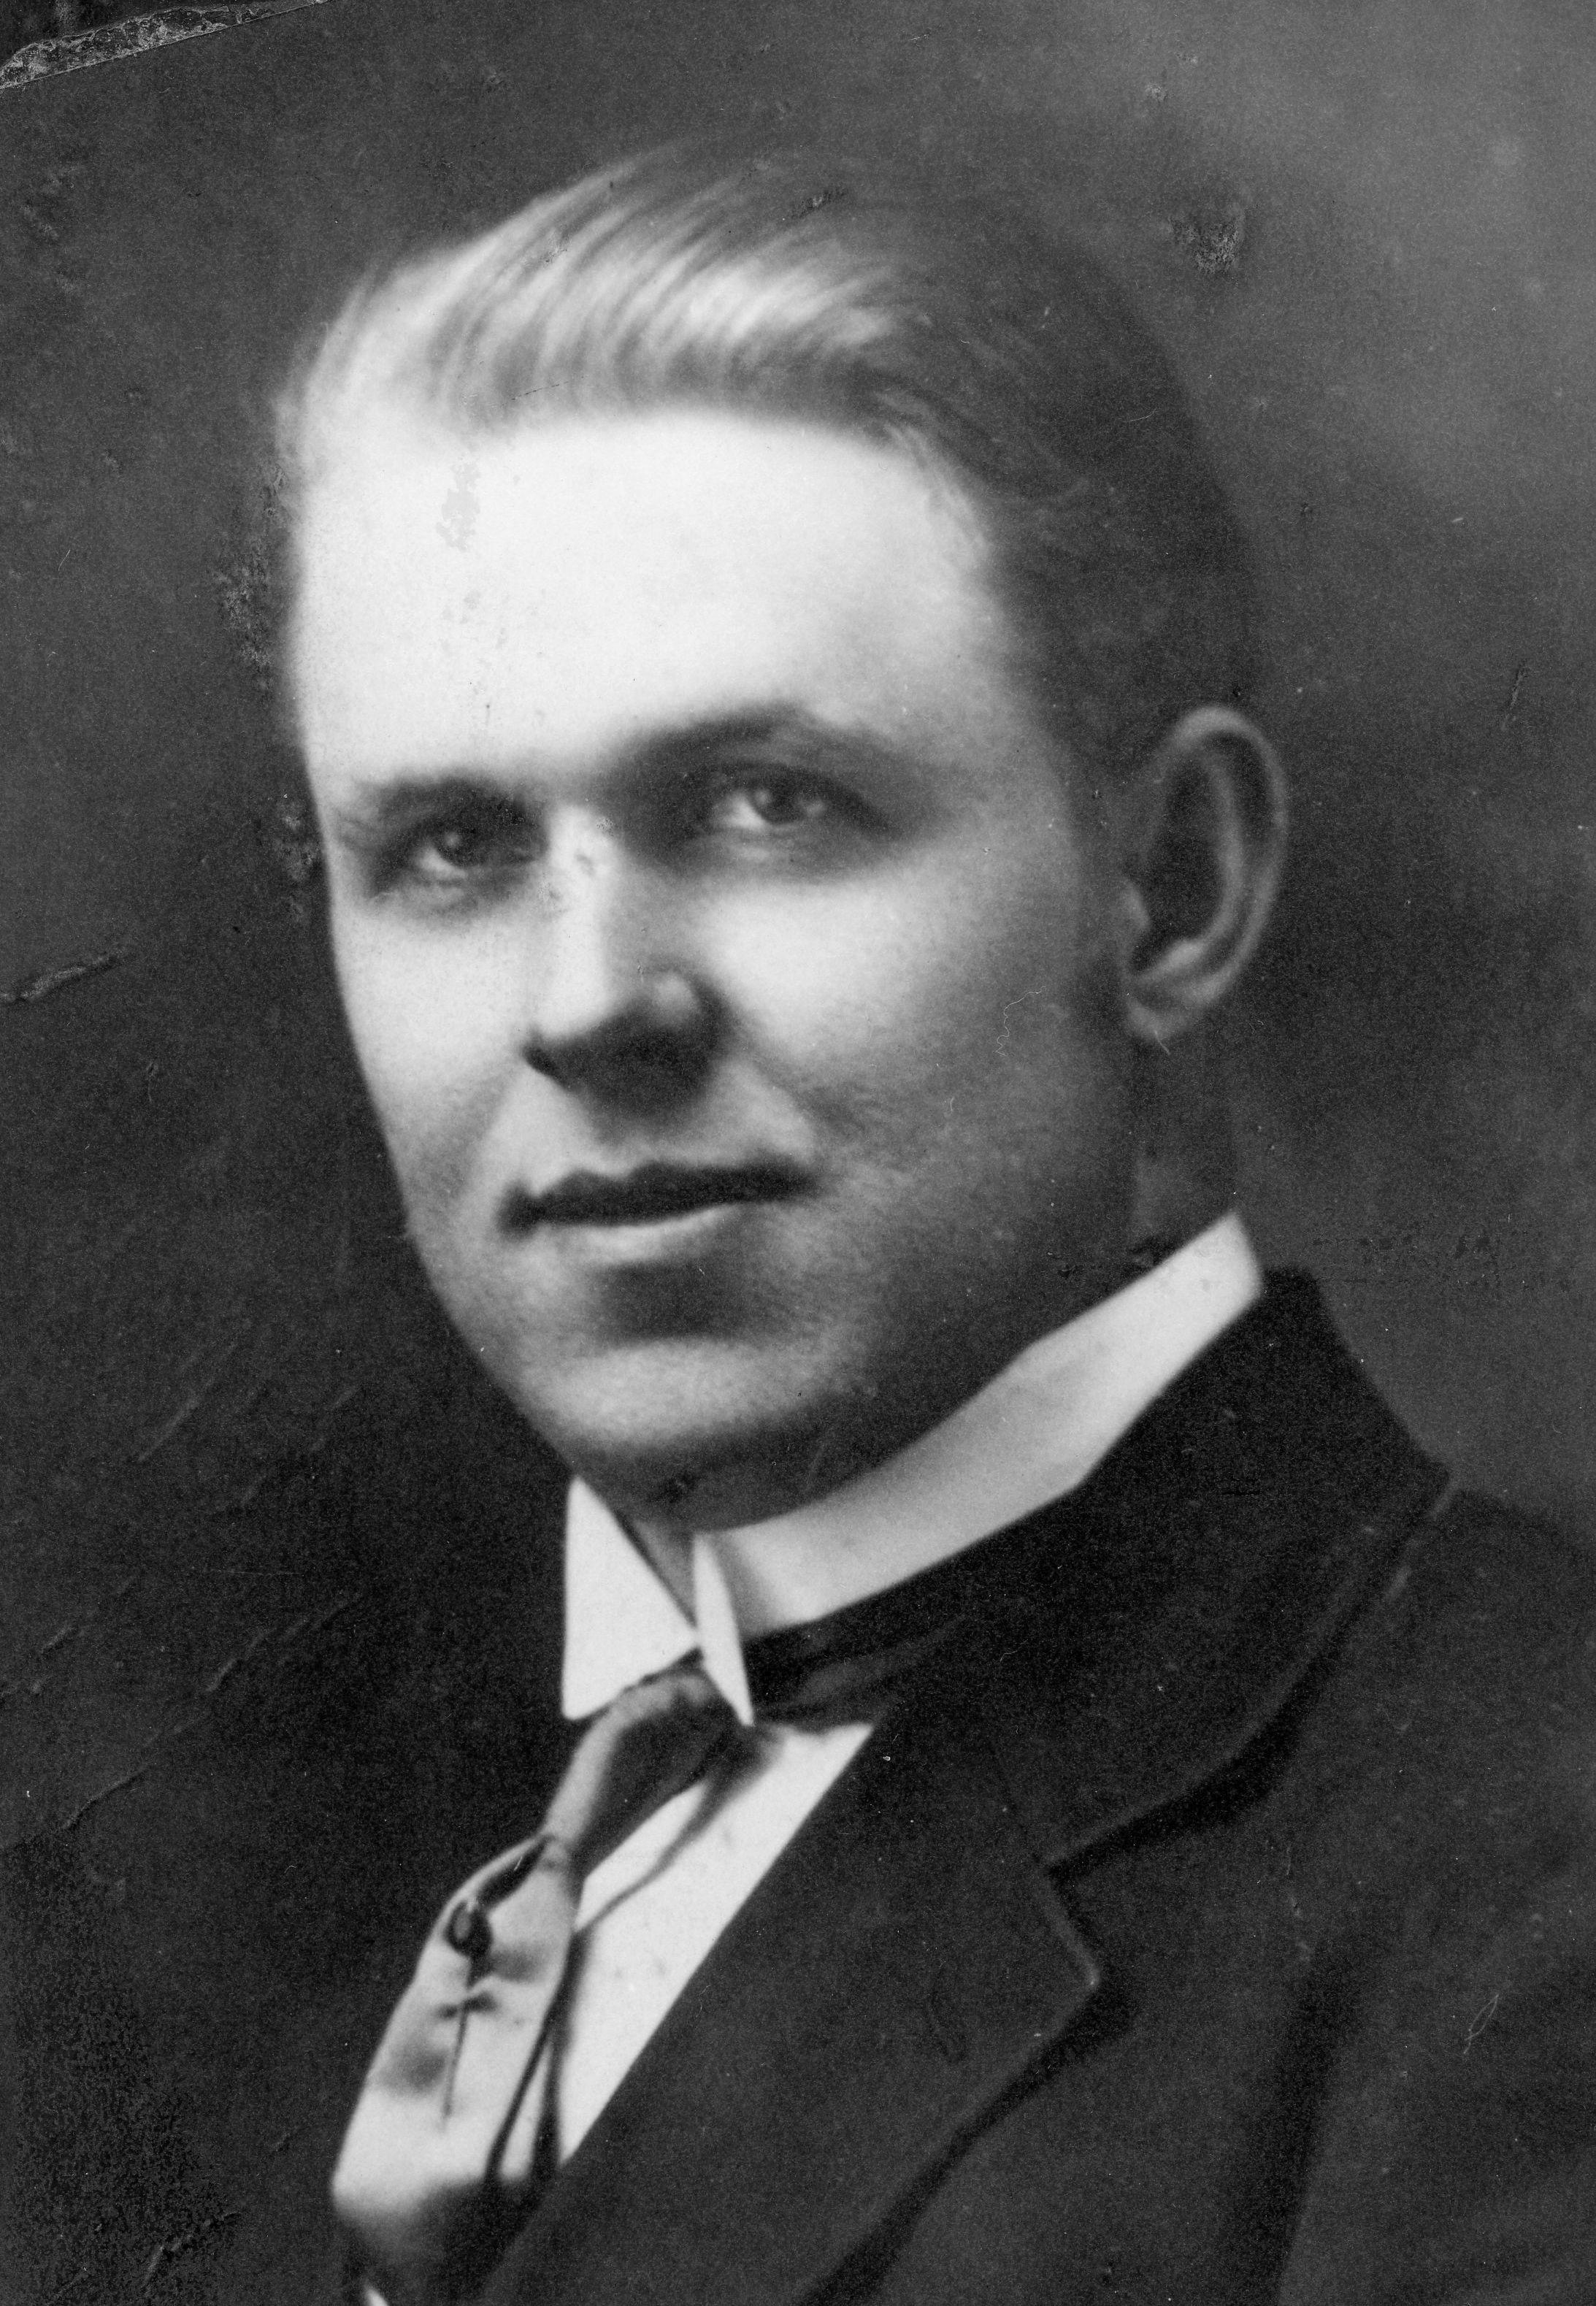 Nielson, Floyd Walton